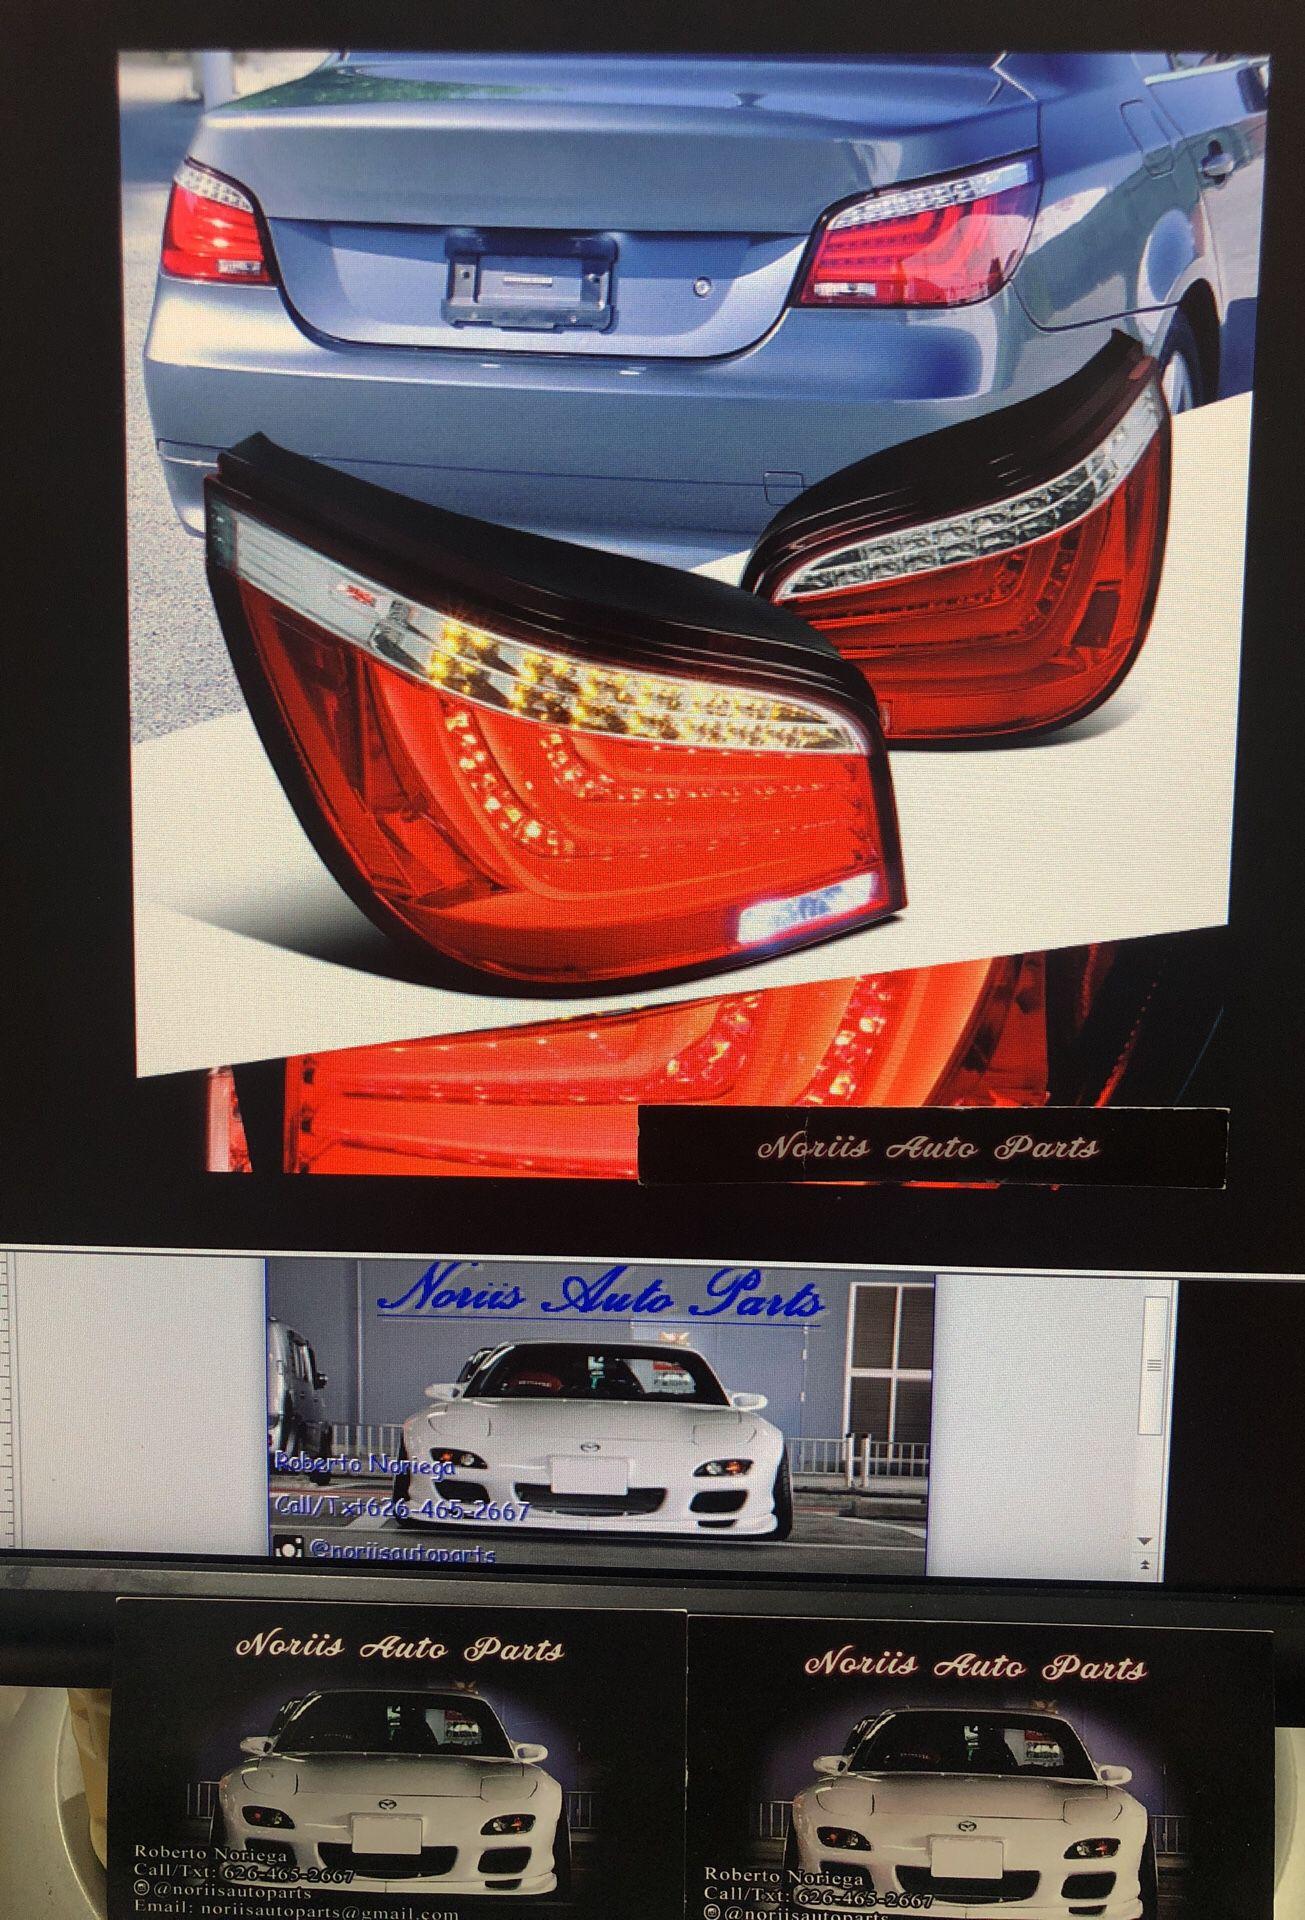 04-07 BMW E60 525i 530i 545i 550i LED Clear Tail Lights